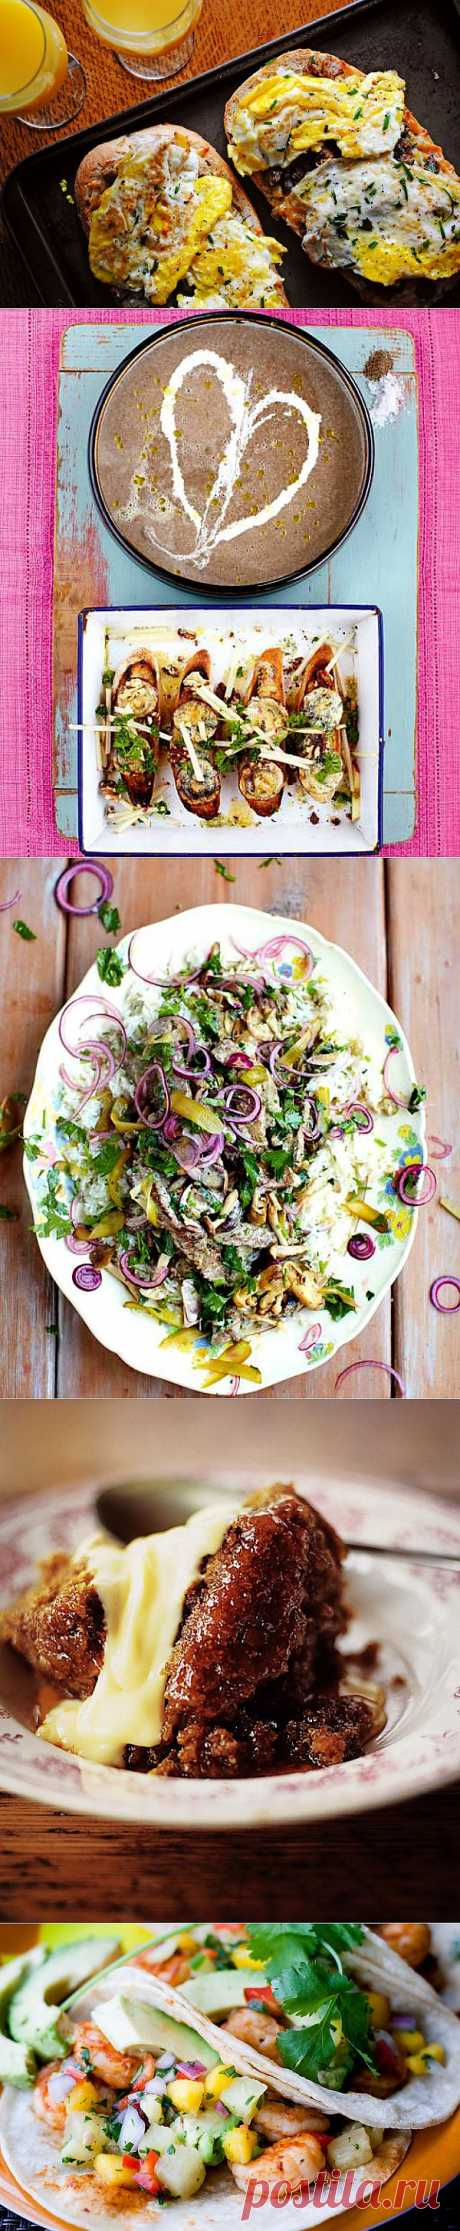 Обед для двоих: 10 рецептов, которые надо взять на заметку | ПолонСил.ру - социальная сеть здоровья